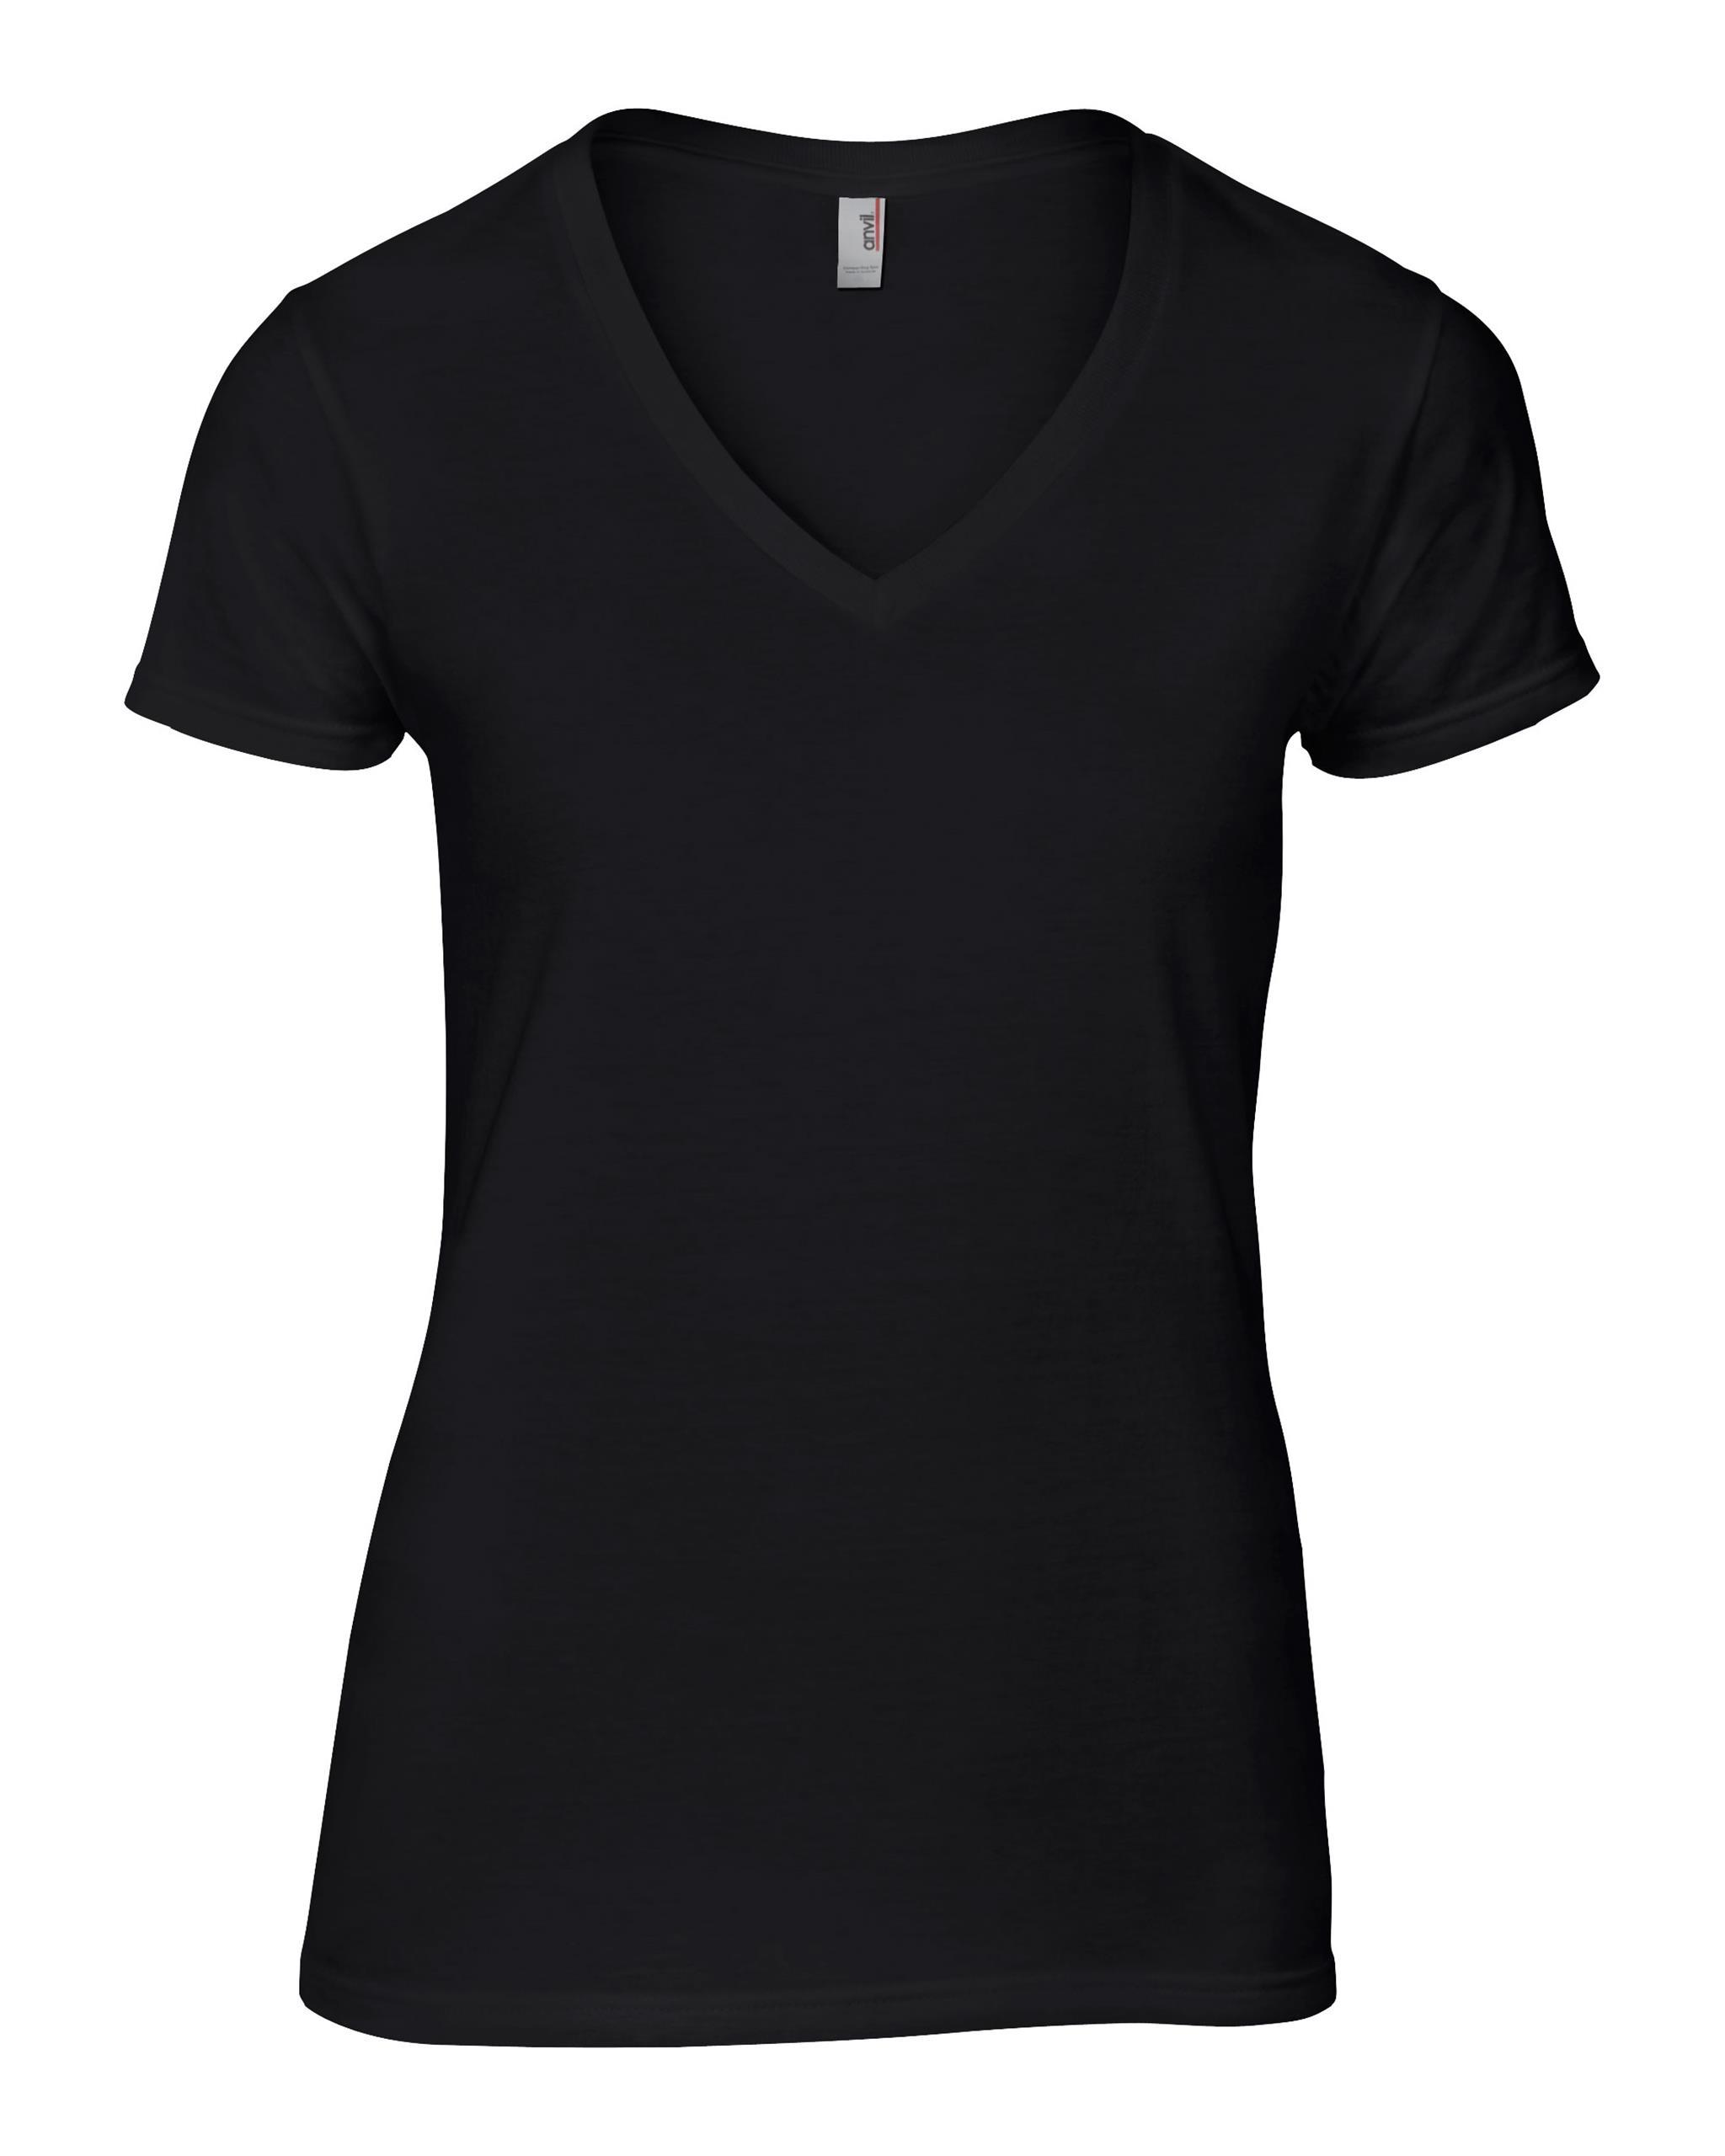 New anvil womens v neck tee ladies short sleeved basic t for V neck black t shirt women s